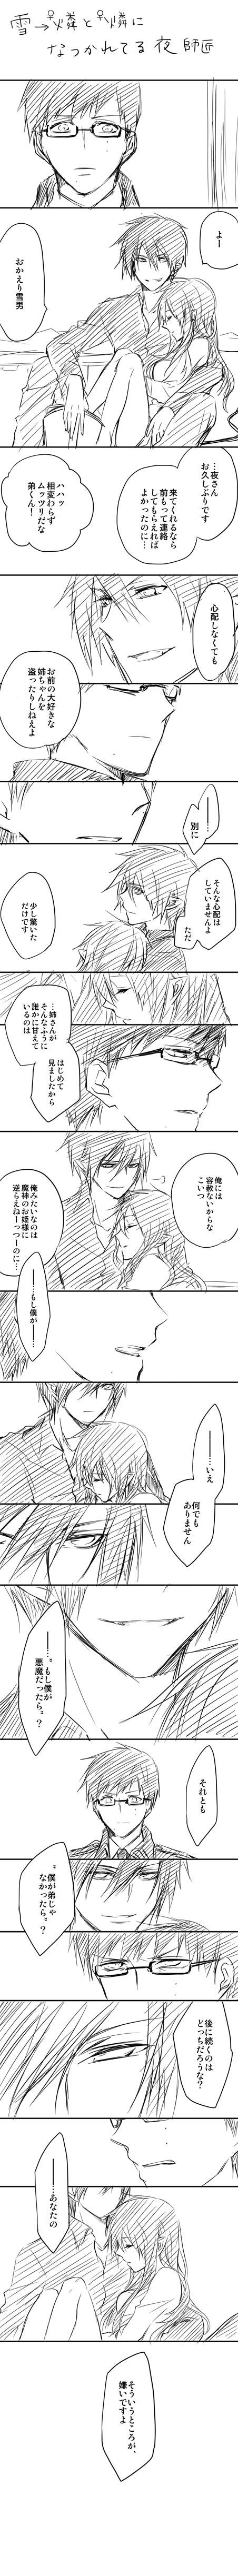 Tags: Anime, Pixiv Id 1960811, The Miyama-Uguisu Mansion Incident, Ao no Exorcist, Okumura Yukio, Night (The Miyama-Uguisu Mansion Incident), Okumura Rin, Comic, Translated, Blue Exorcist